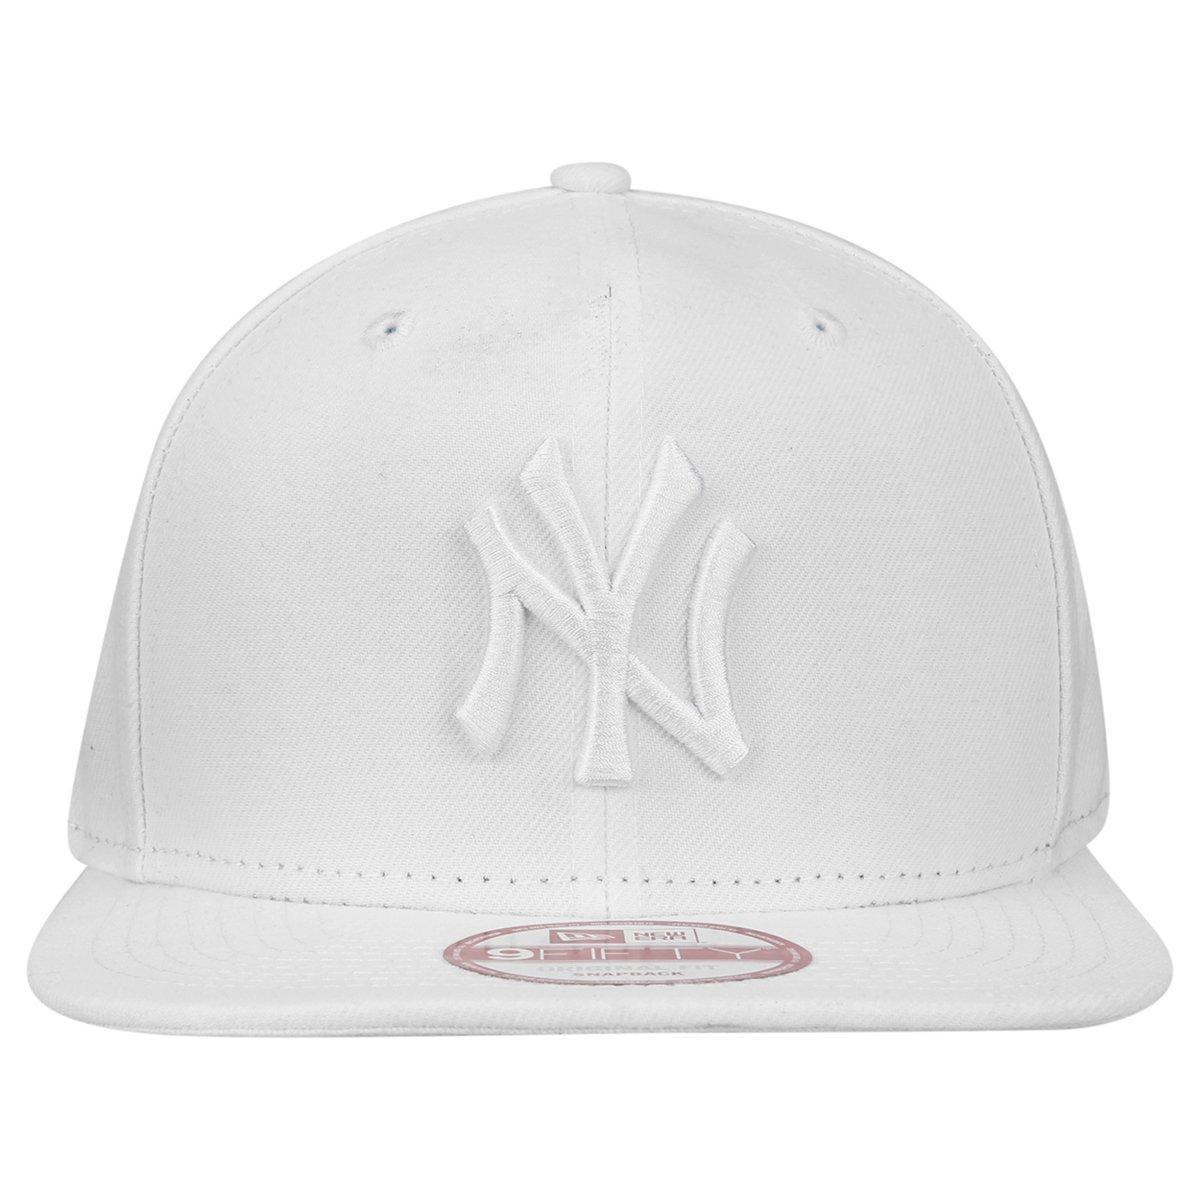 Boné New Era 950 MLB Original Fit New York Yankees - Compre Agora ... 16f34c9f041